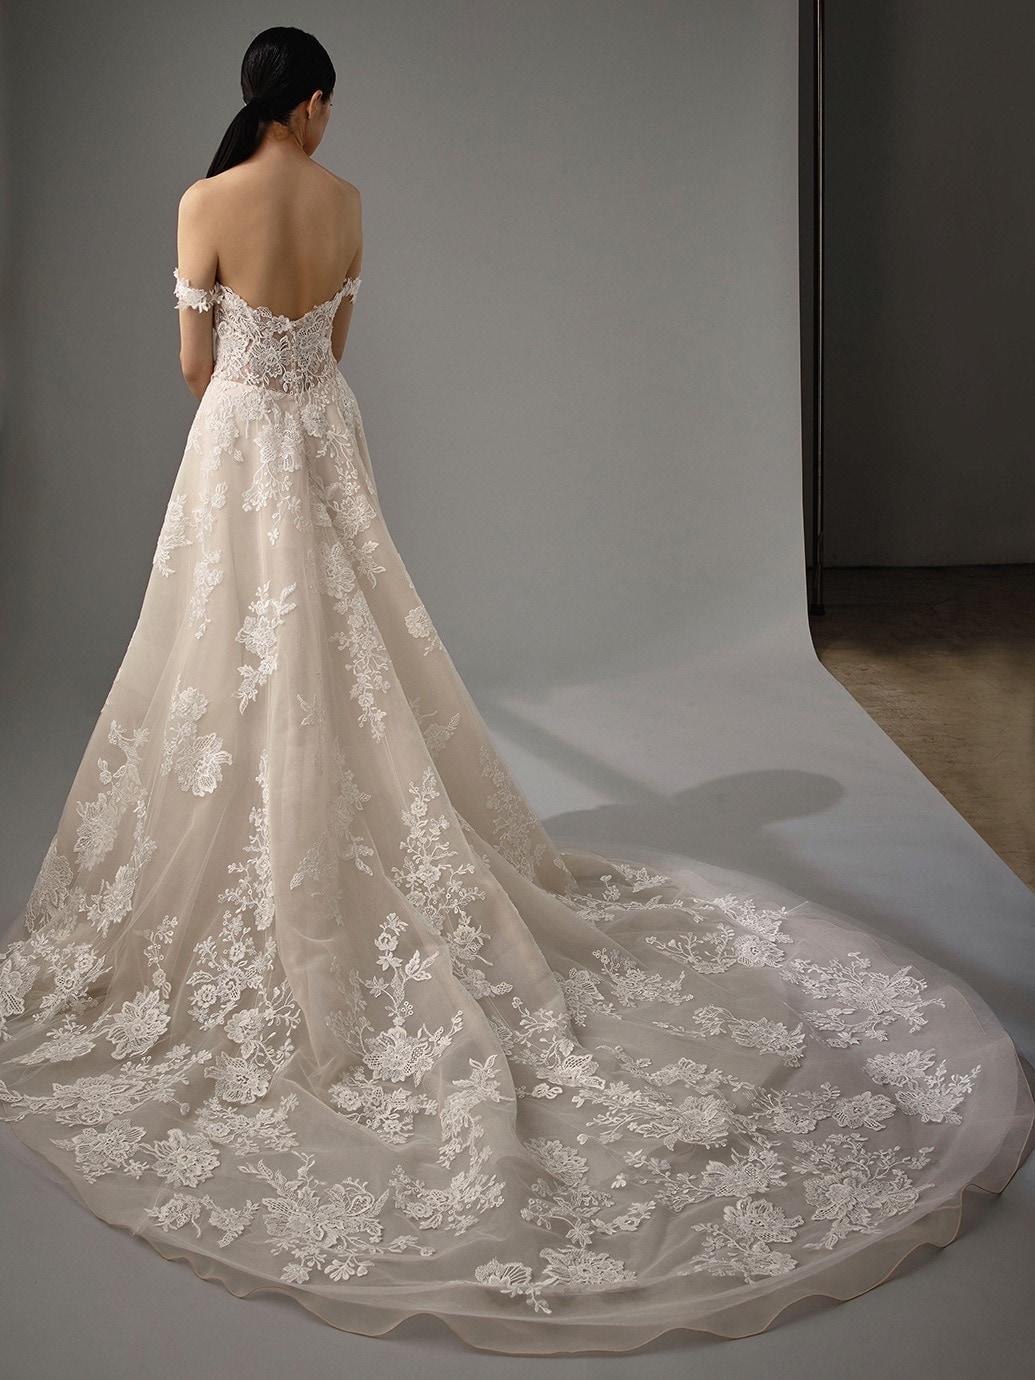 Brautkleid in A-Linie mit Spitze, Plunge-Ausschnitt, tiefem Rückenausschnitt und Schleppe von Blue by Enzoani, Modell Mariane